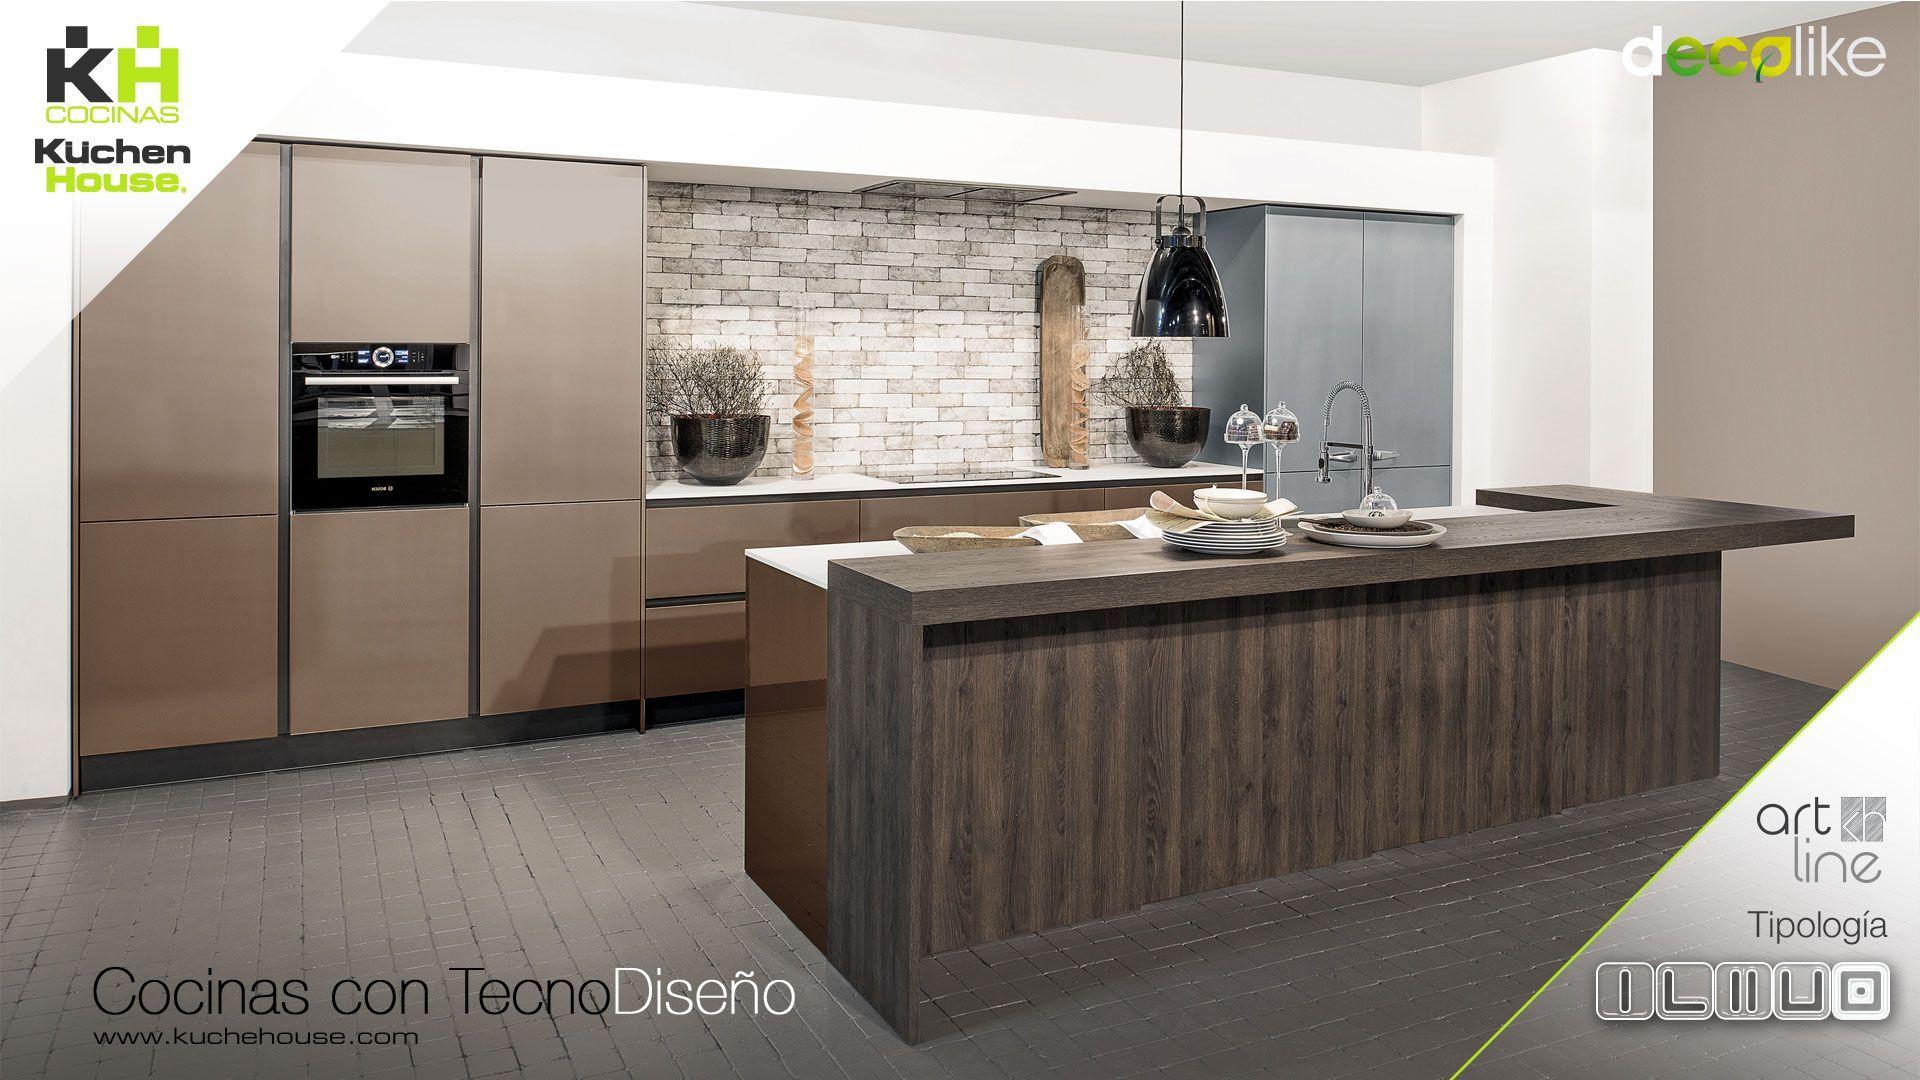 Cocina en Isla - Arline - Decolike - KuchenHouse - Reformas - Armarios - Hogar